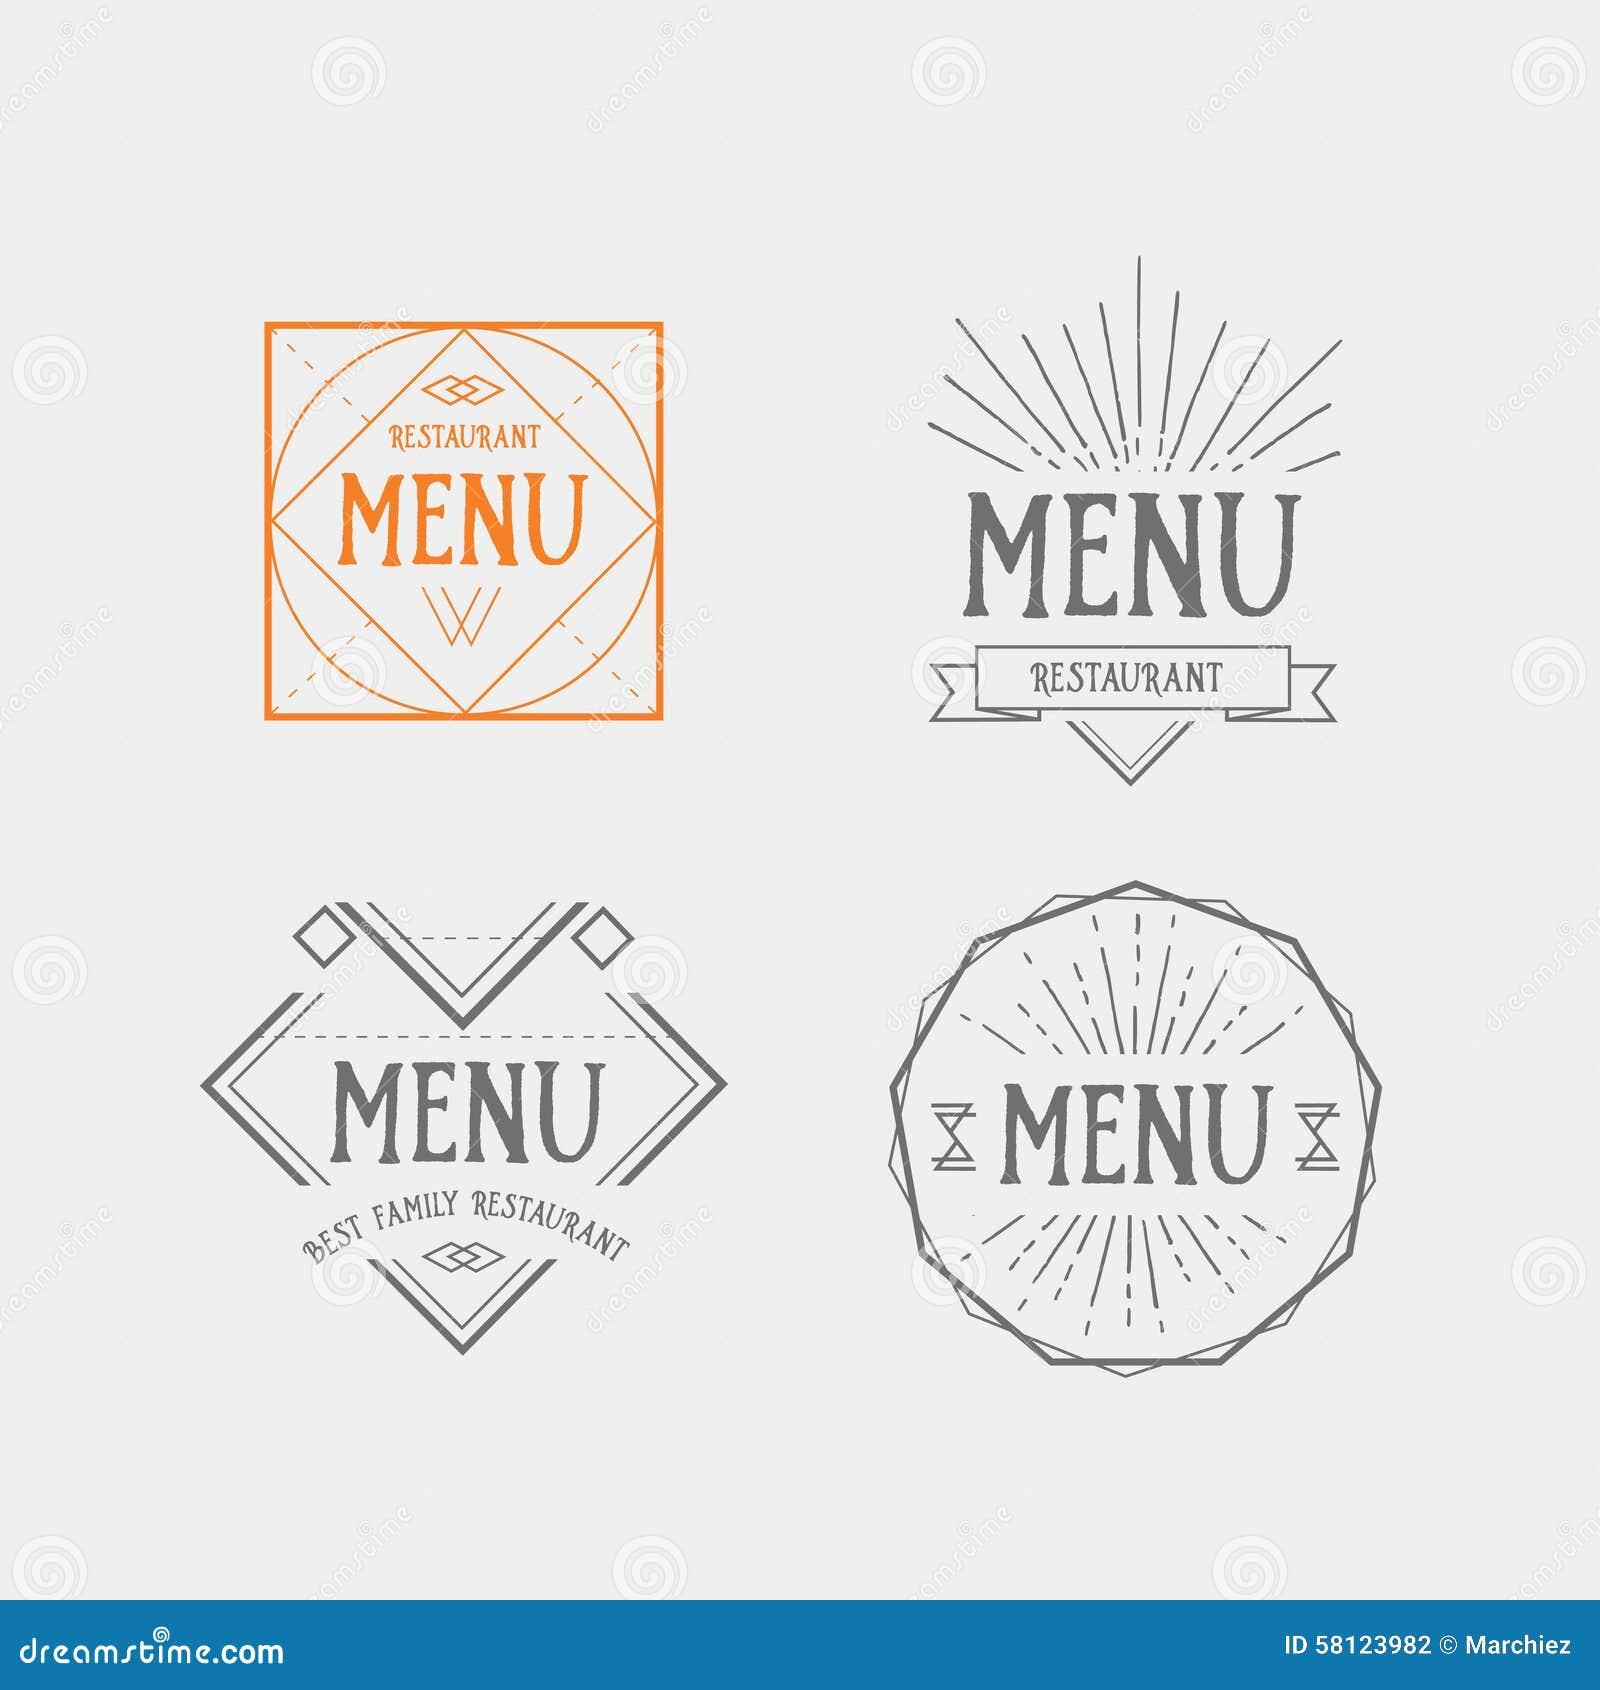 Menu and Logo Design for Restaurants  Nicholas and Company